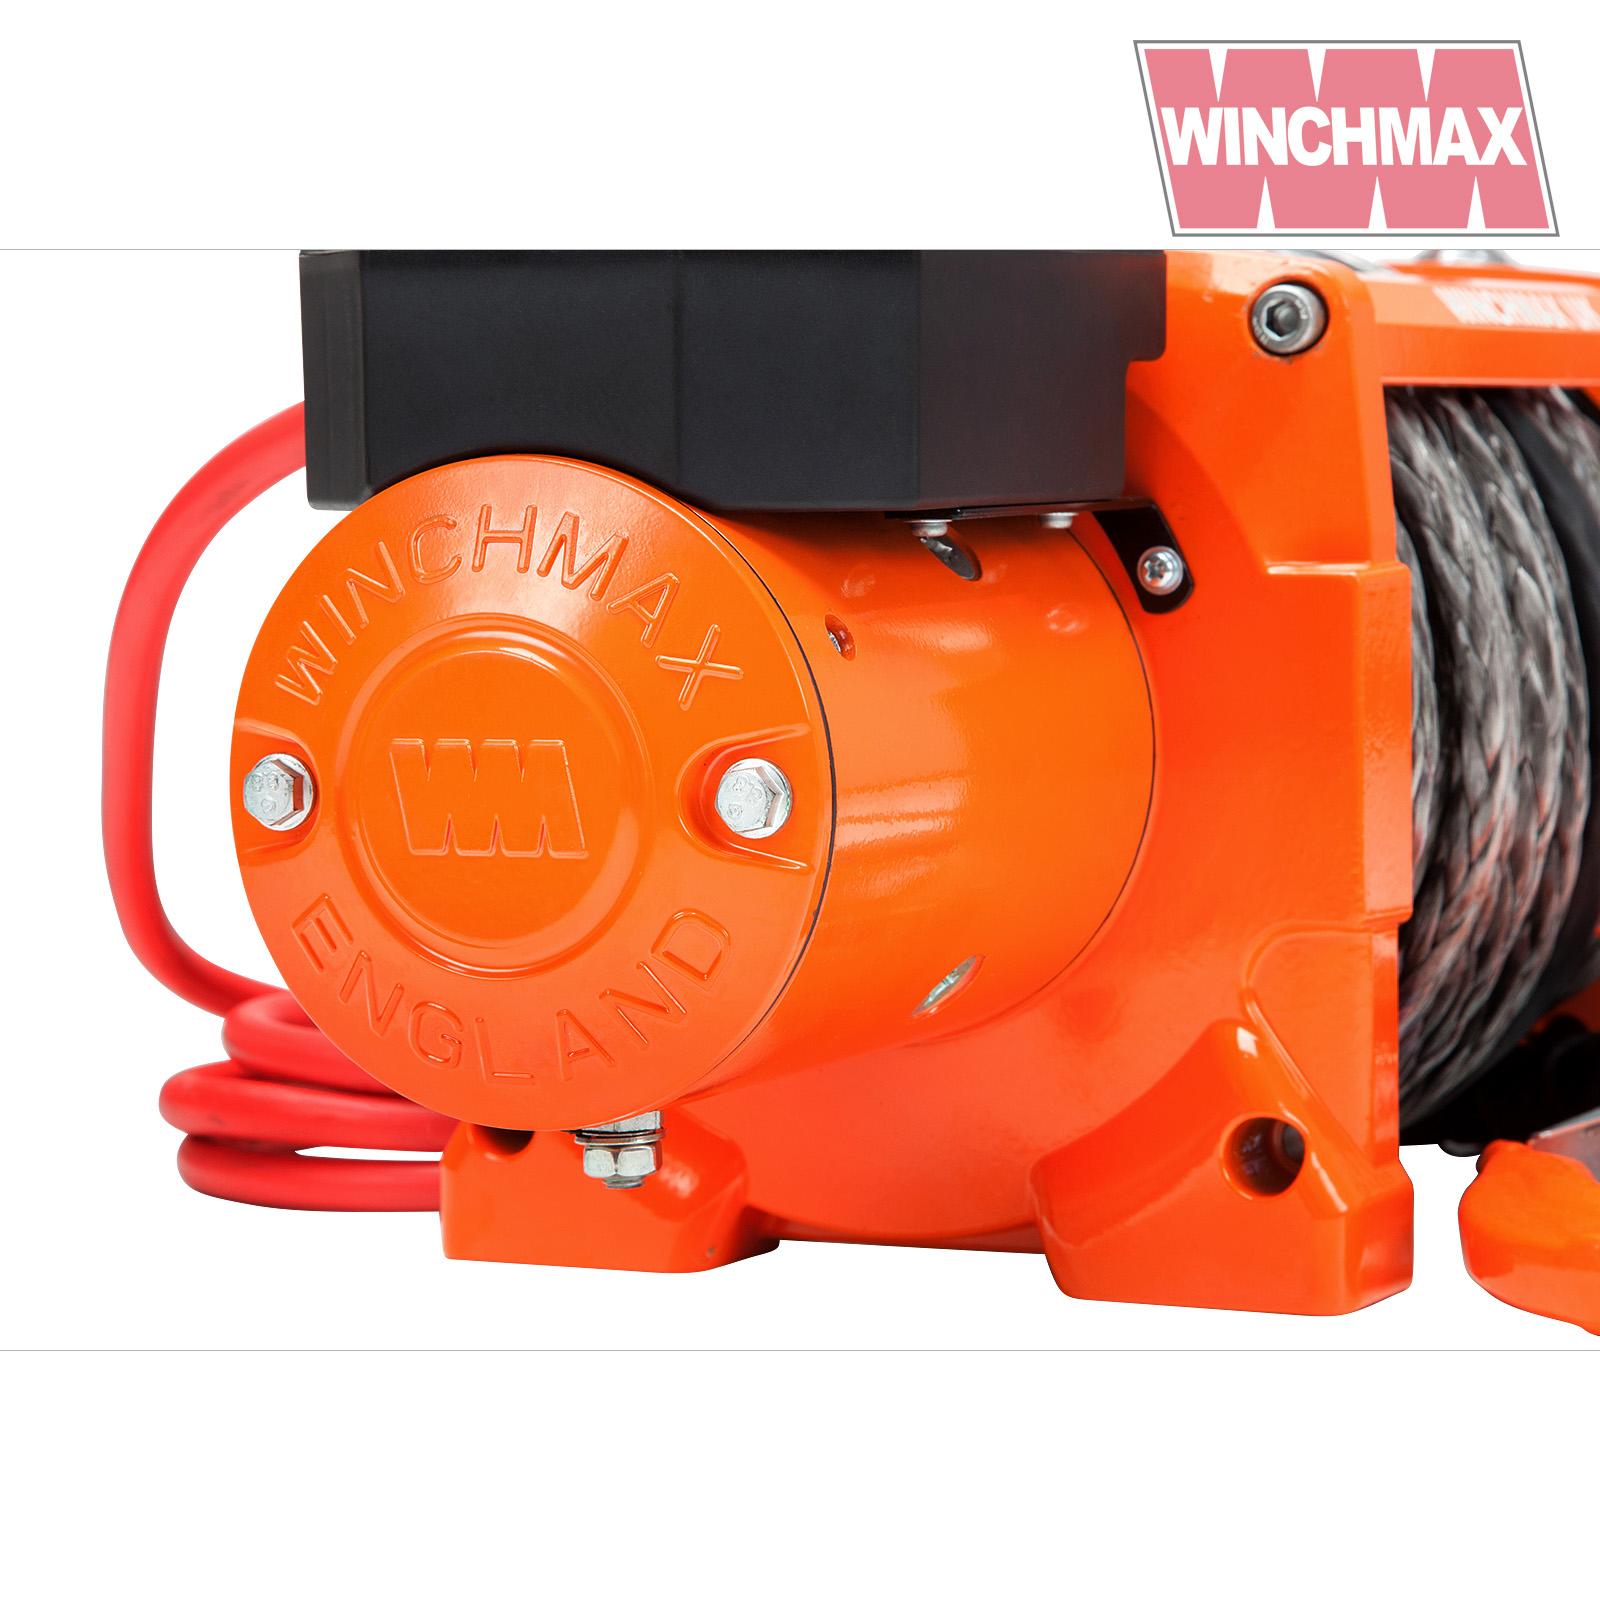 Wm1700012vrs winchmax 077